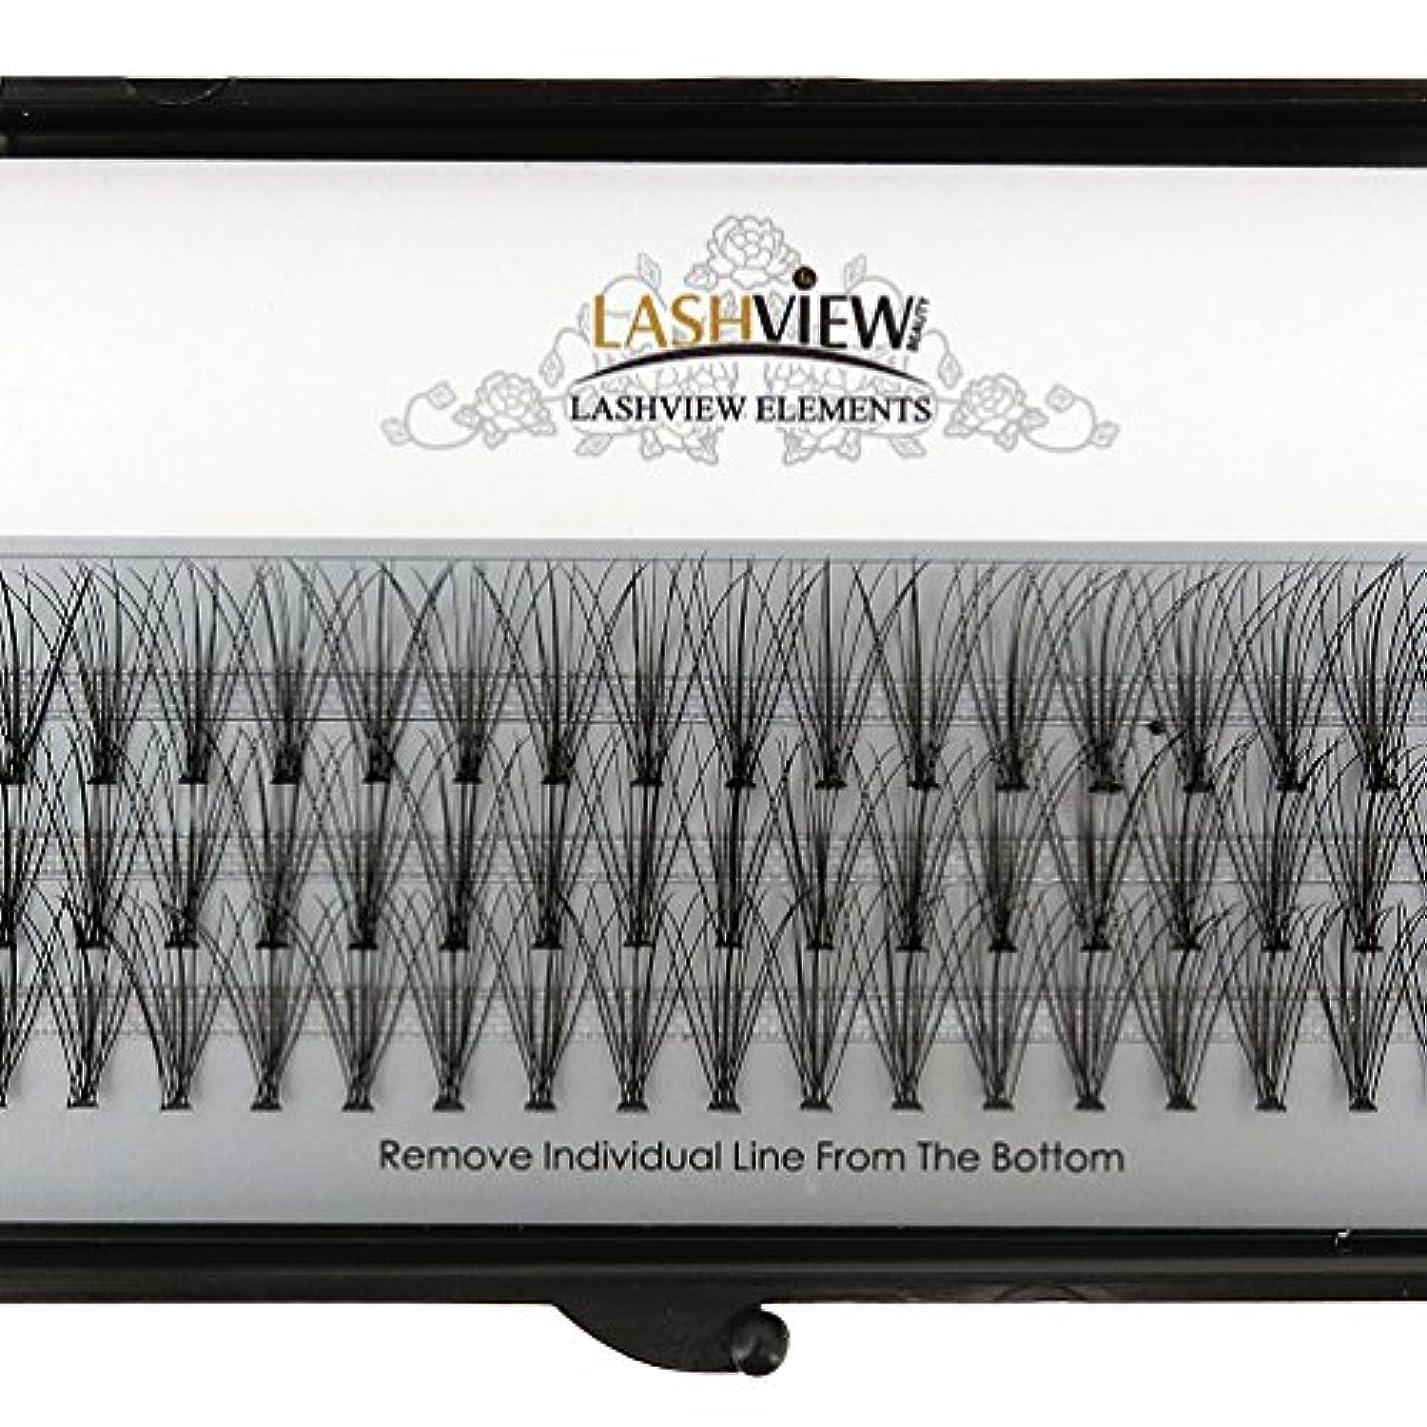 世論調査三番合意LASHVIEW 高品質まつげエクステ太さ0.10mm Cカール フレア セルフ用 素材 10本束12mm マツエク